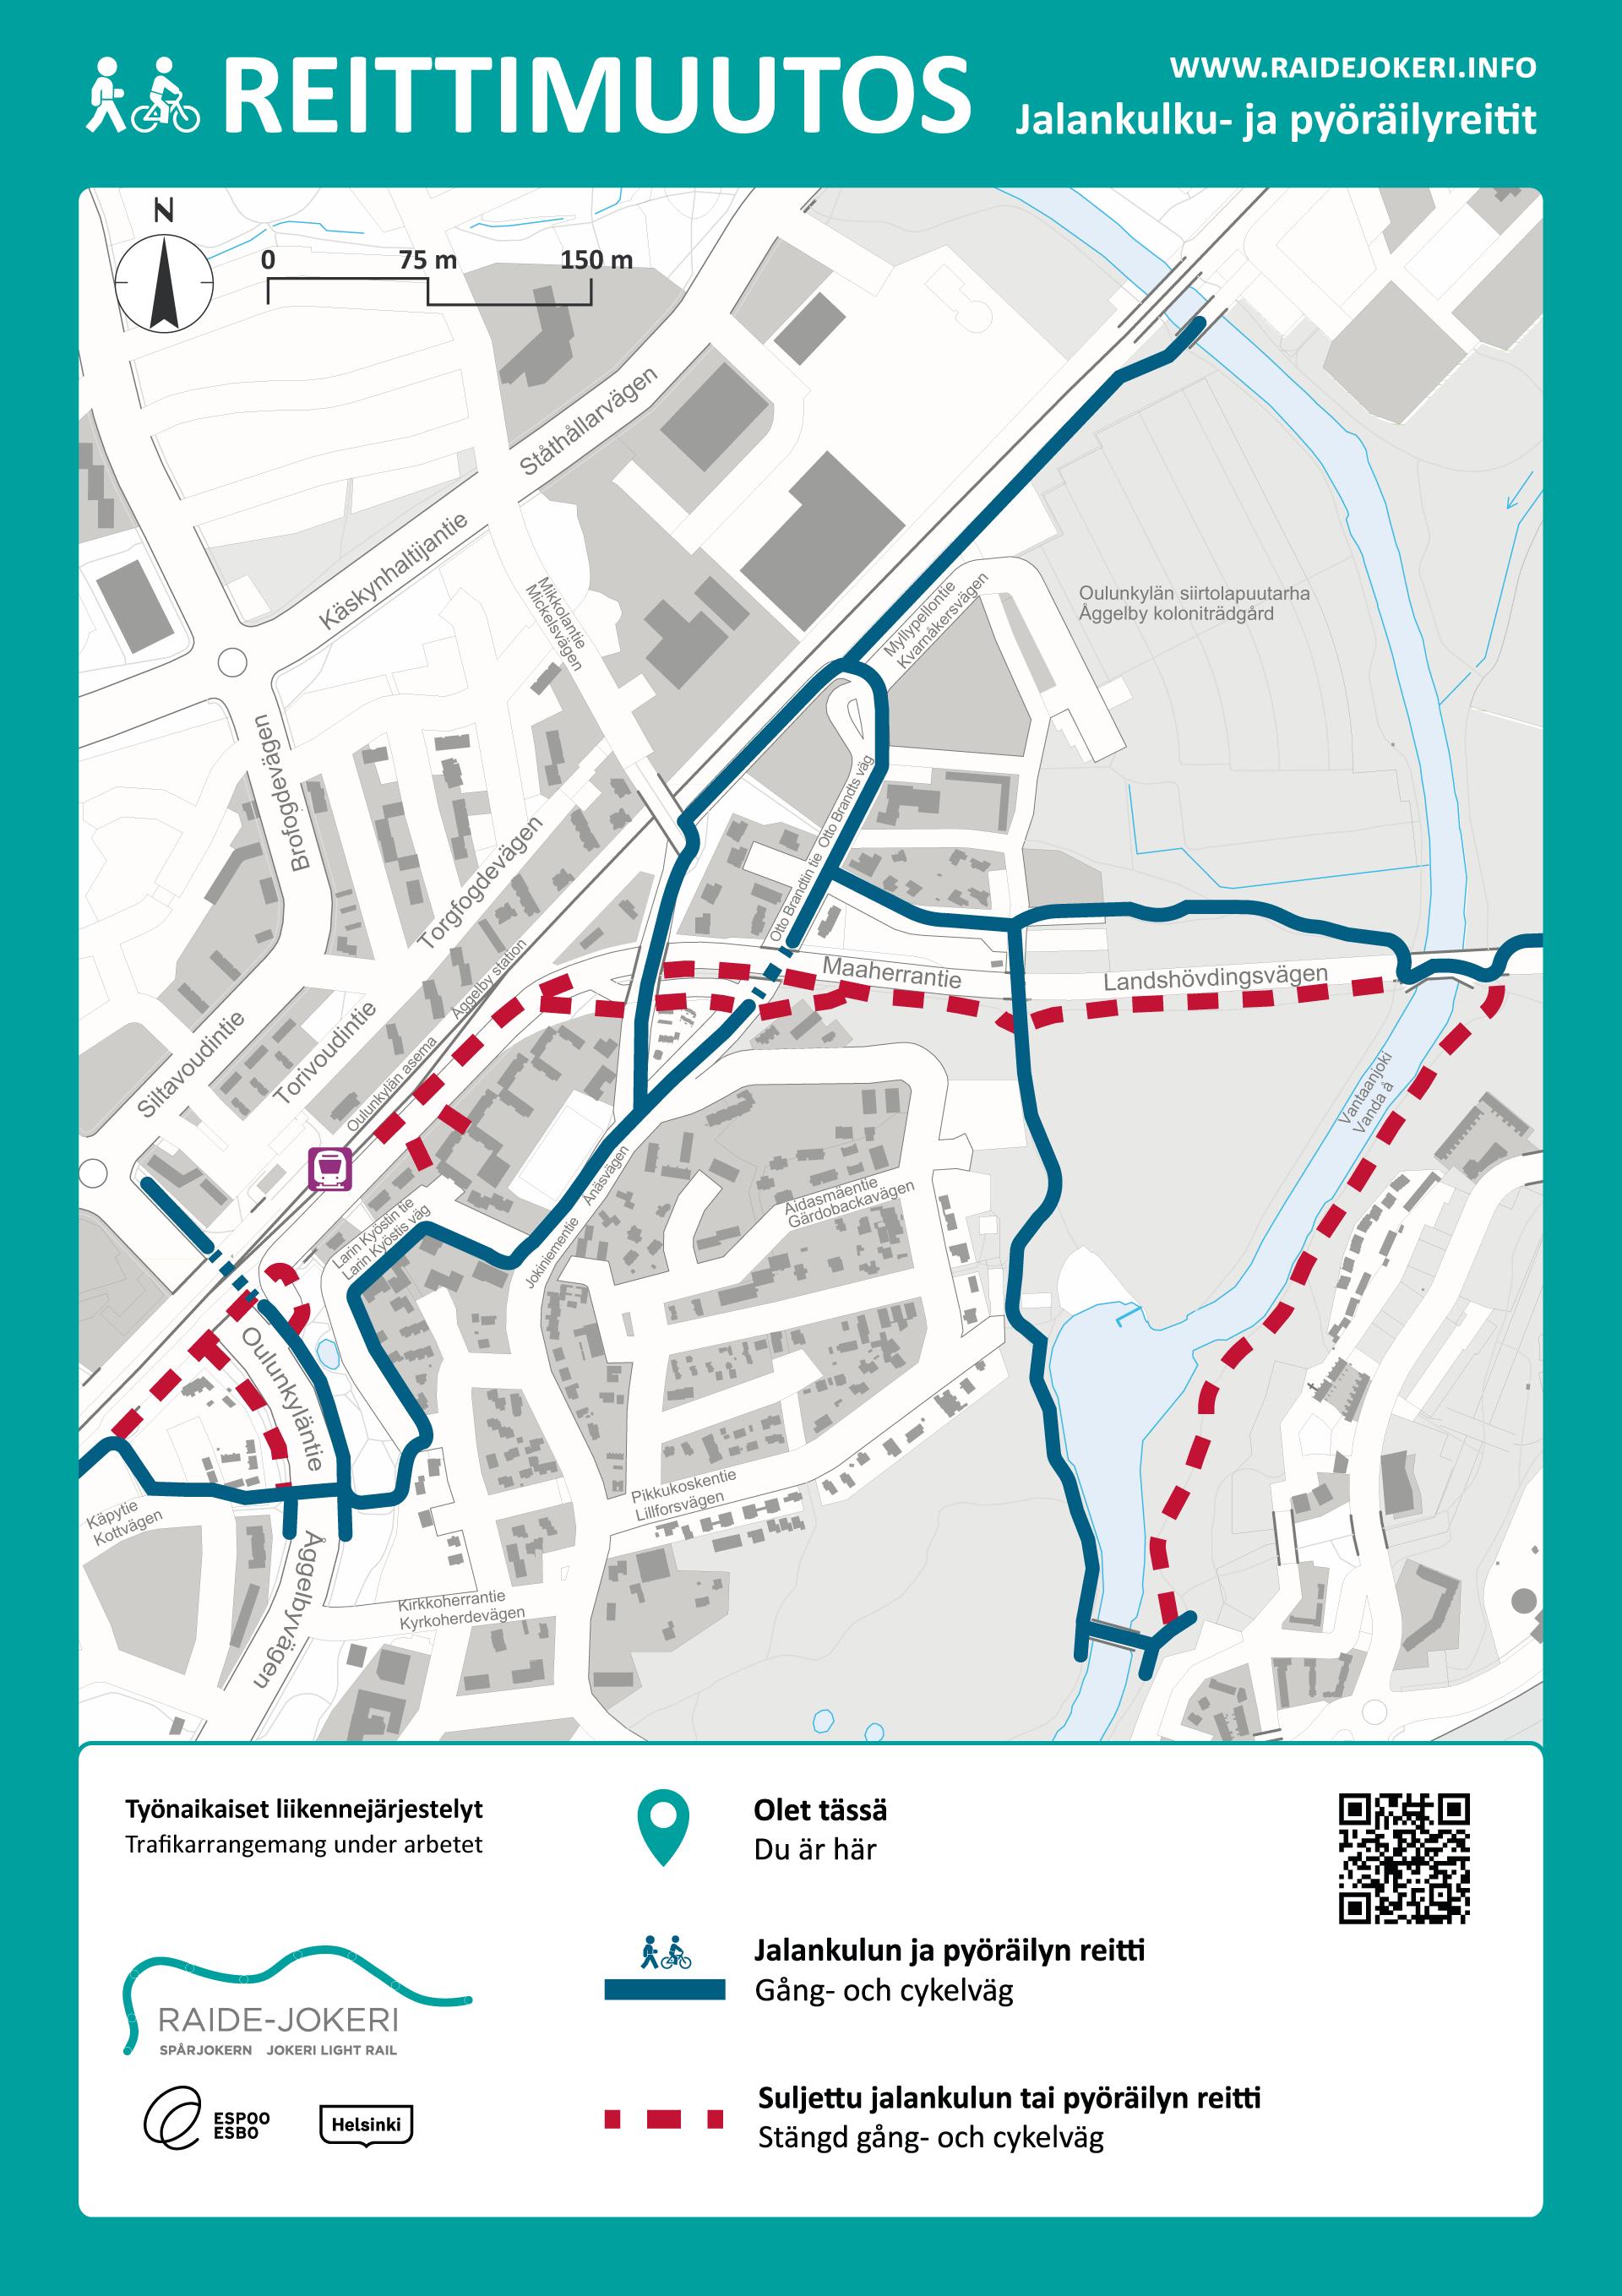 Karttakuva, jossa on esitetty kiertoreitit sekä suljetut jalankulun ja pyöräilyn reitit Maaherrantien länsipäässä.